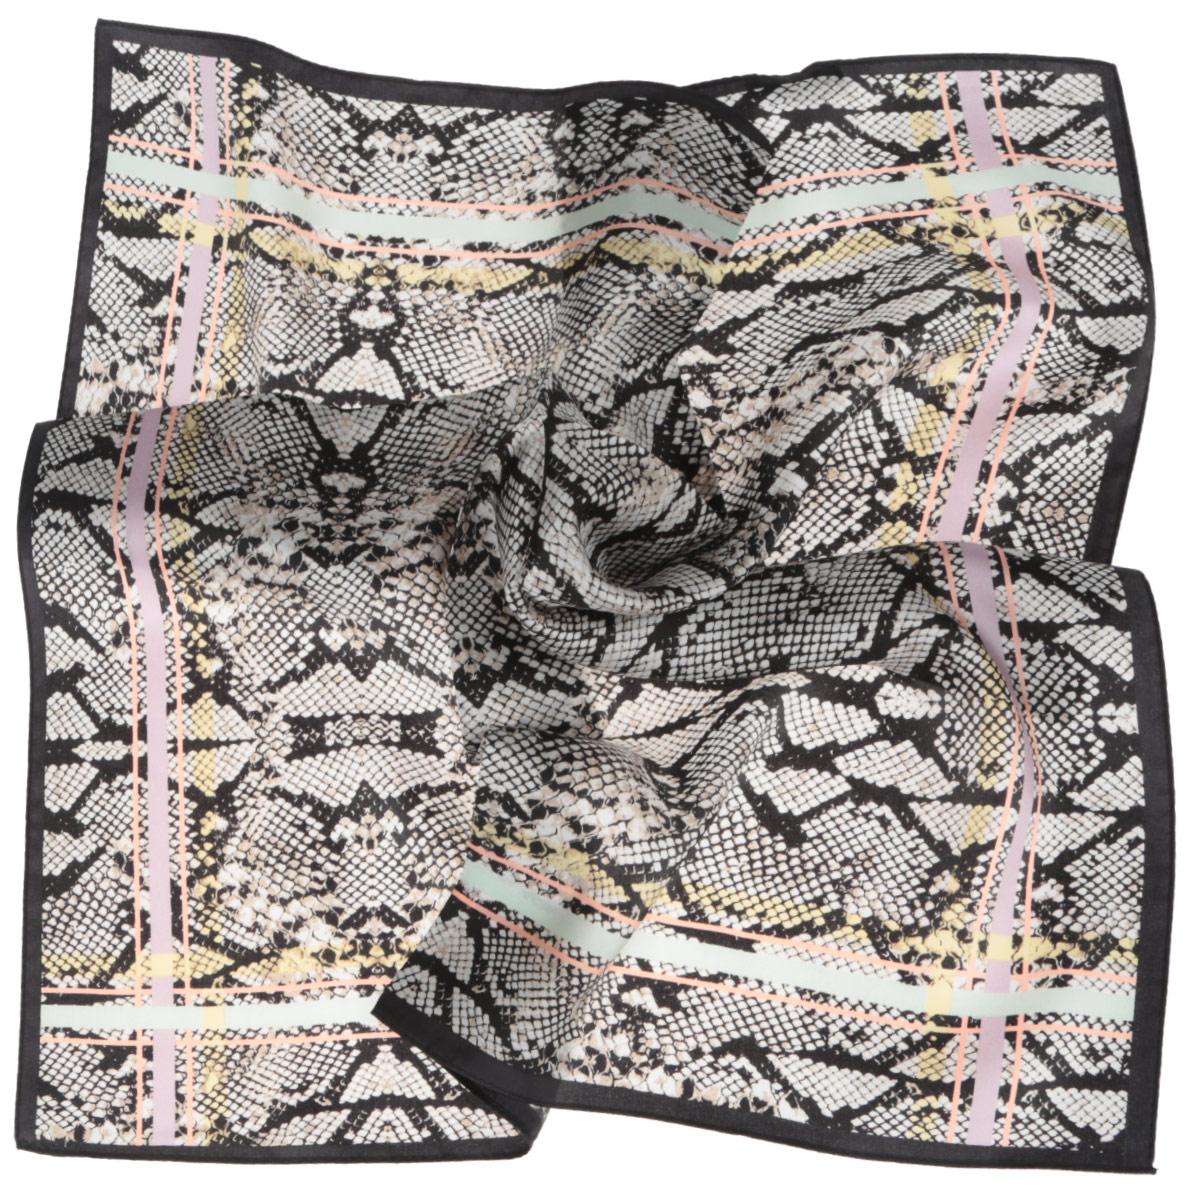 Платок женский. CX1516-67CX1516-67-19Стильный женский платок Fabretti станет великолепным завершением любого наряда. Платок изготовлен из высококачественного 100% шелка и оформлен оригинальным принтом в виде змеиной чешуи. Классическая квадратная форма позволяет носить платок на шее, украшать им прическу или декорировать сумочку. Мягкий и шелковистый платок поможет вам создать изысканный женственный образ, а также согреет в непогоду. Такой платок превосходно дополнит любой наряд и подчеркнет ваш неповторимый вкус и элегантность.